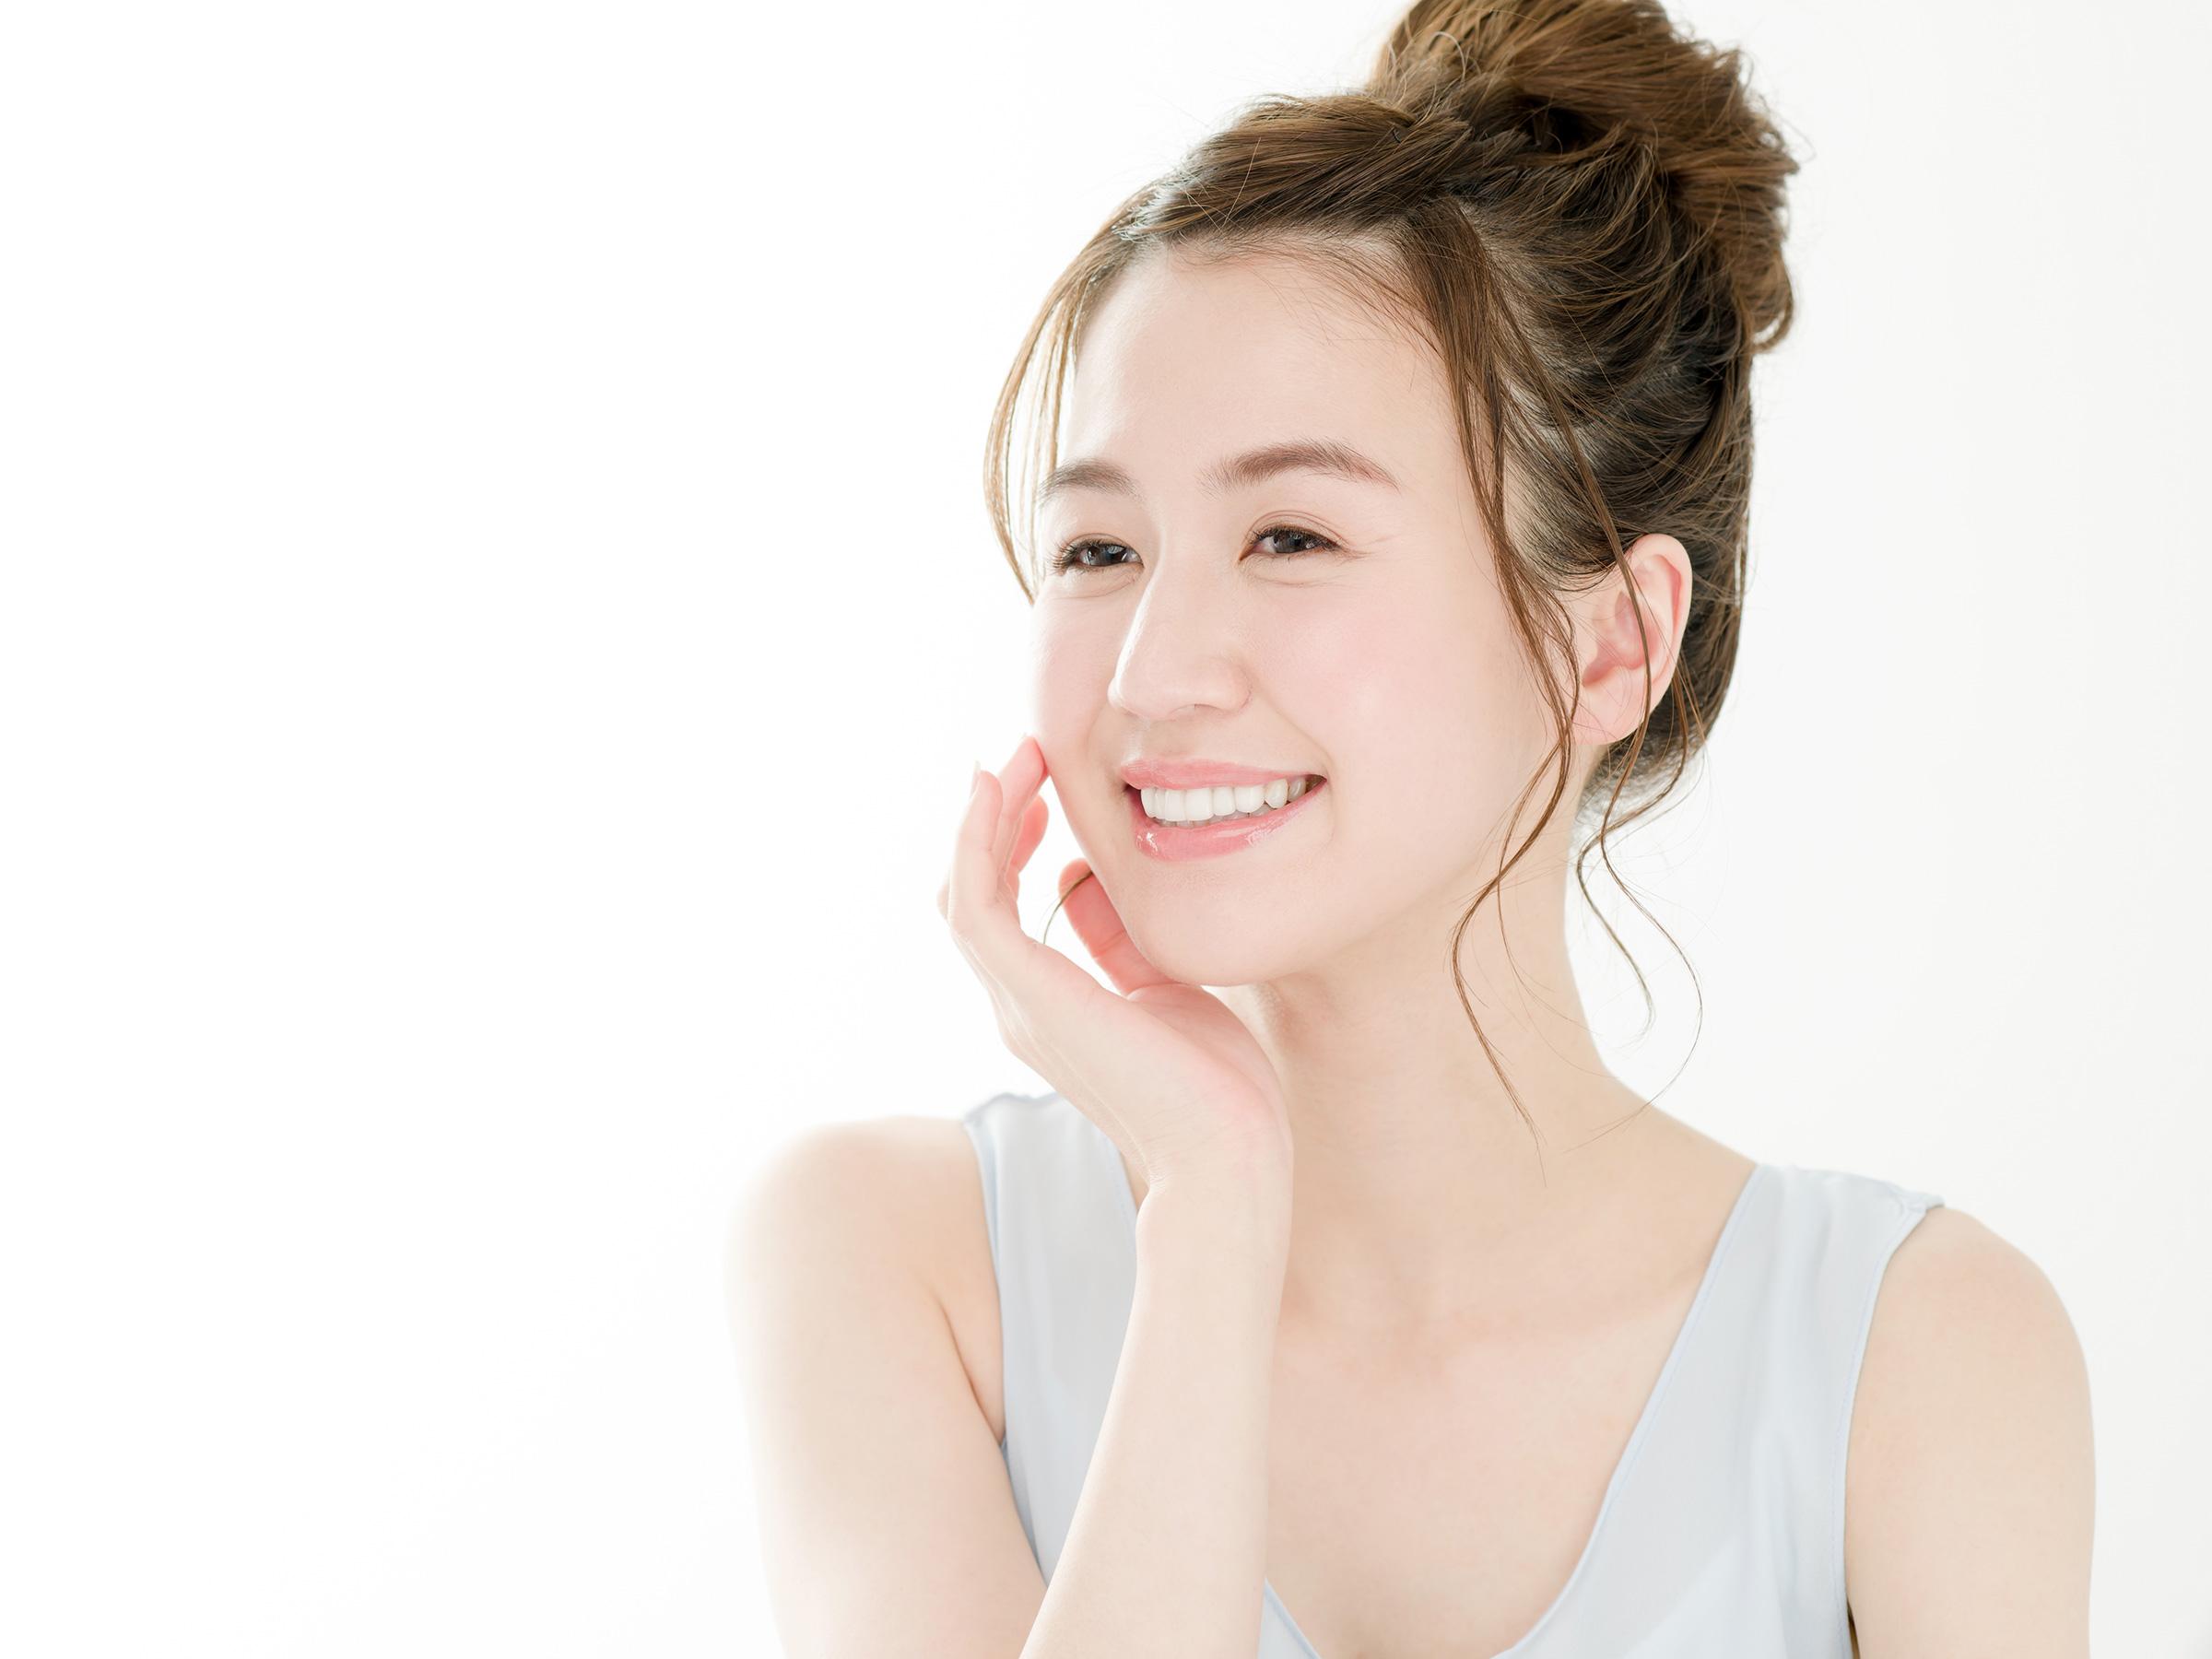 【医師監修】乾燥肌におすすめのスキンケアは?基礎化粧品の役割や使い方を紹介